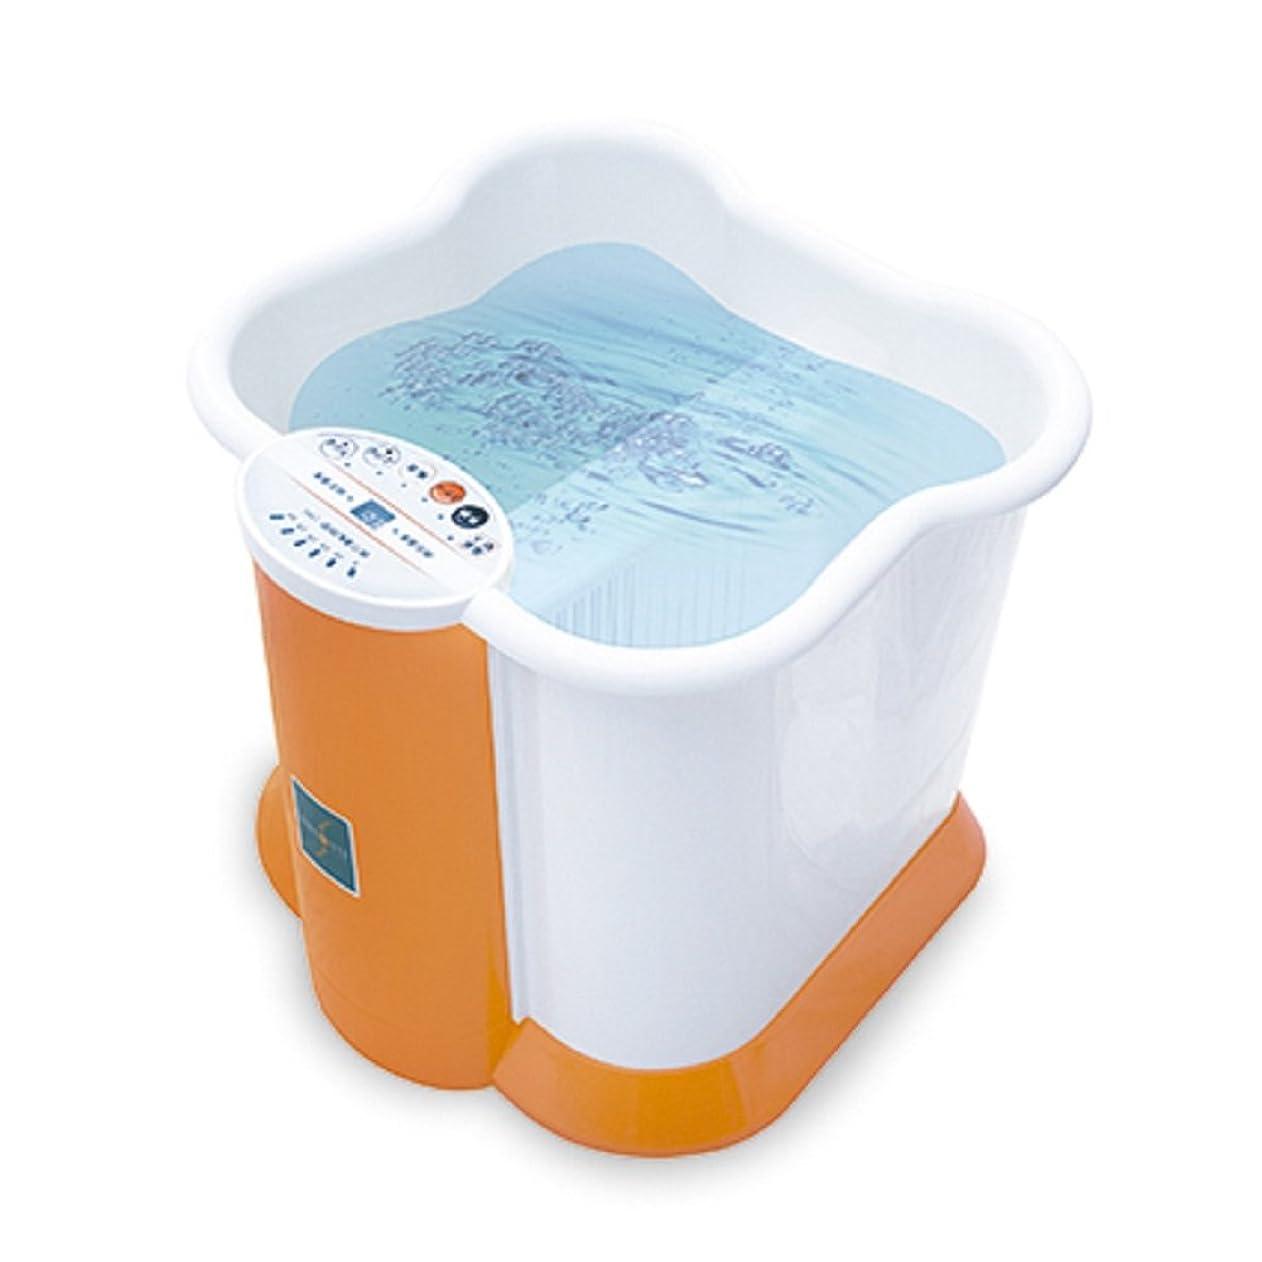 ファントム飢えた法律により深型 足湯 フットバス Ashiyu foot Spa KS-N1010 保温 バブル